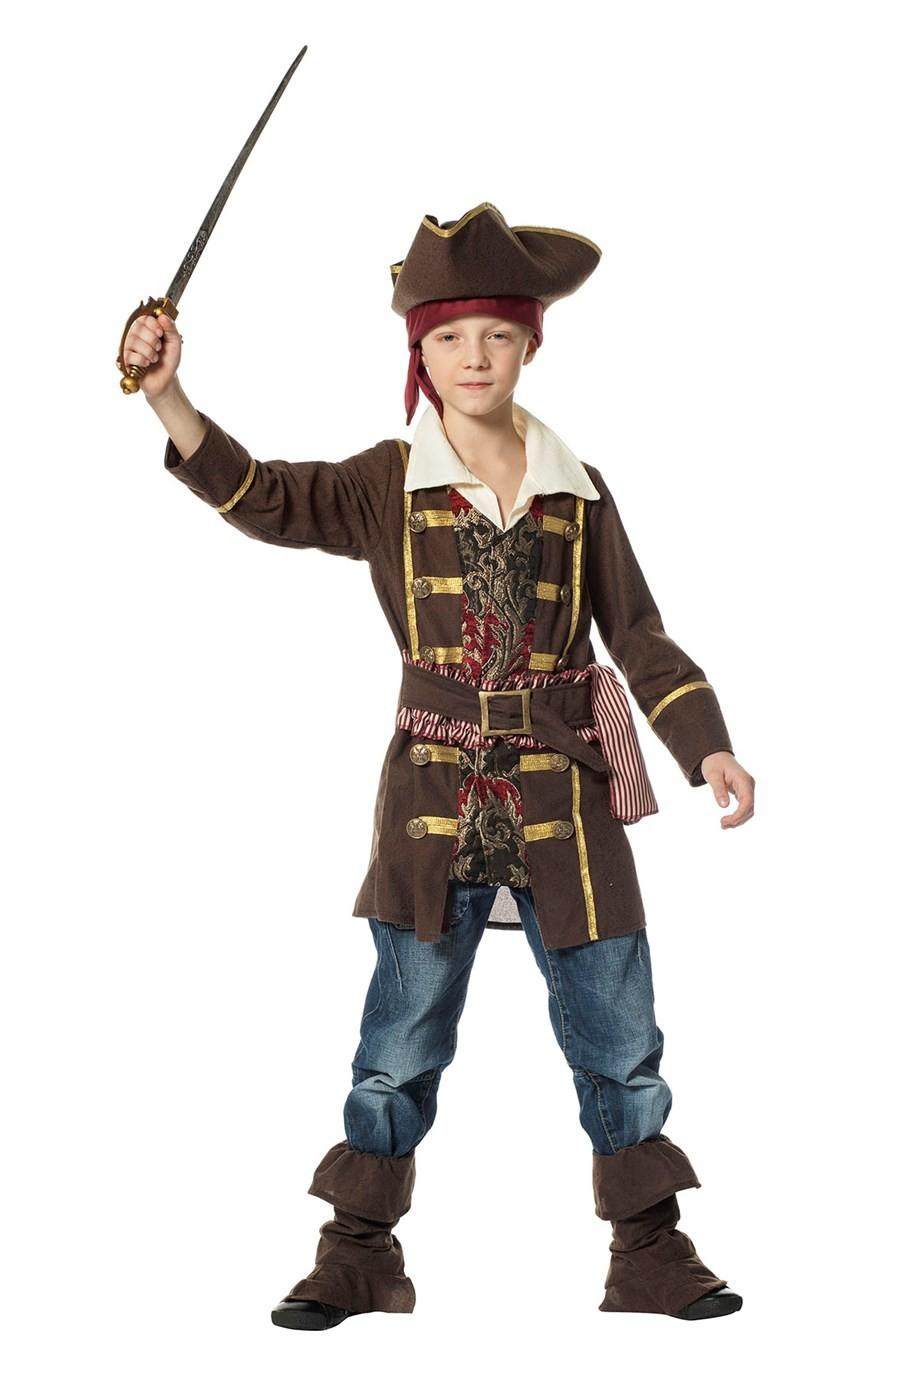 Betere Piraten kostuum kind kopen ? | Jokershop.be - Piratenpak HG-62